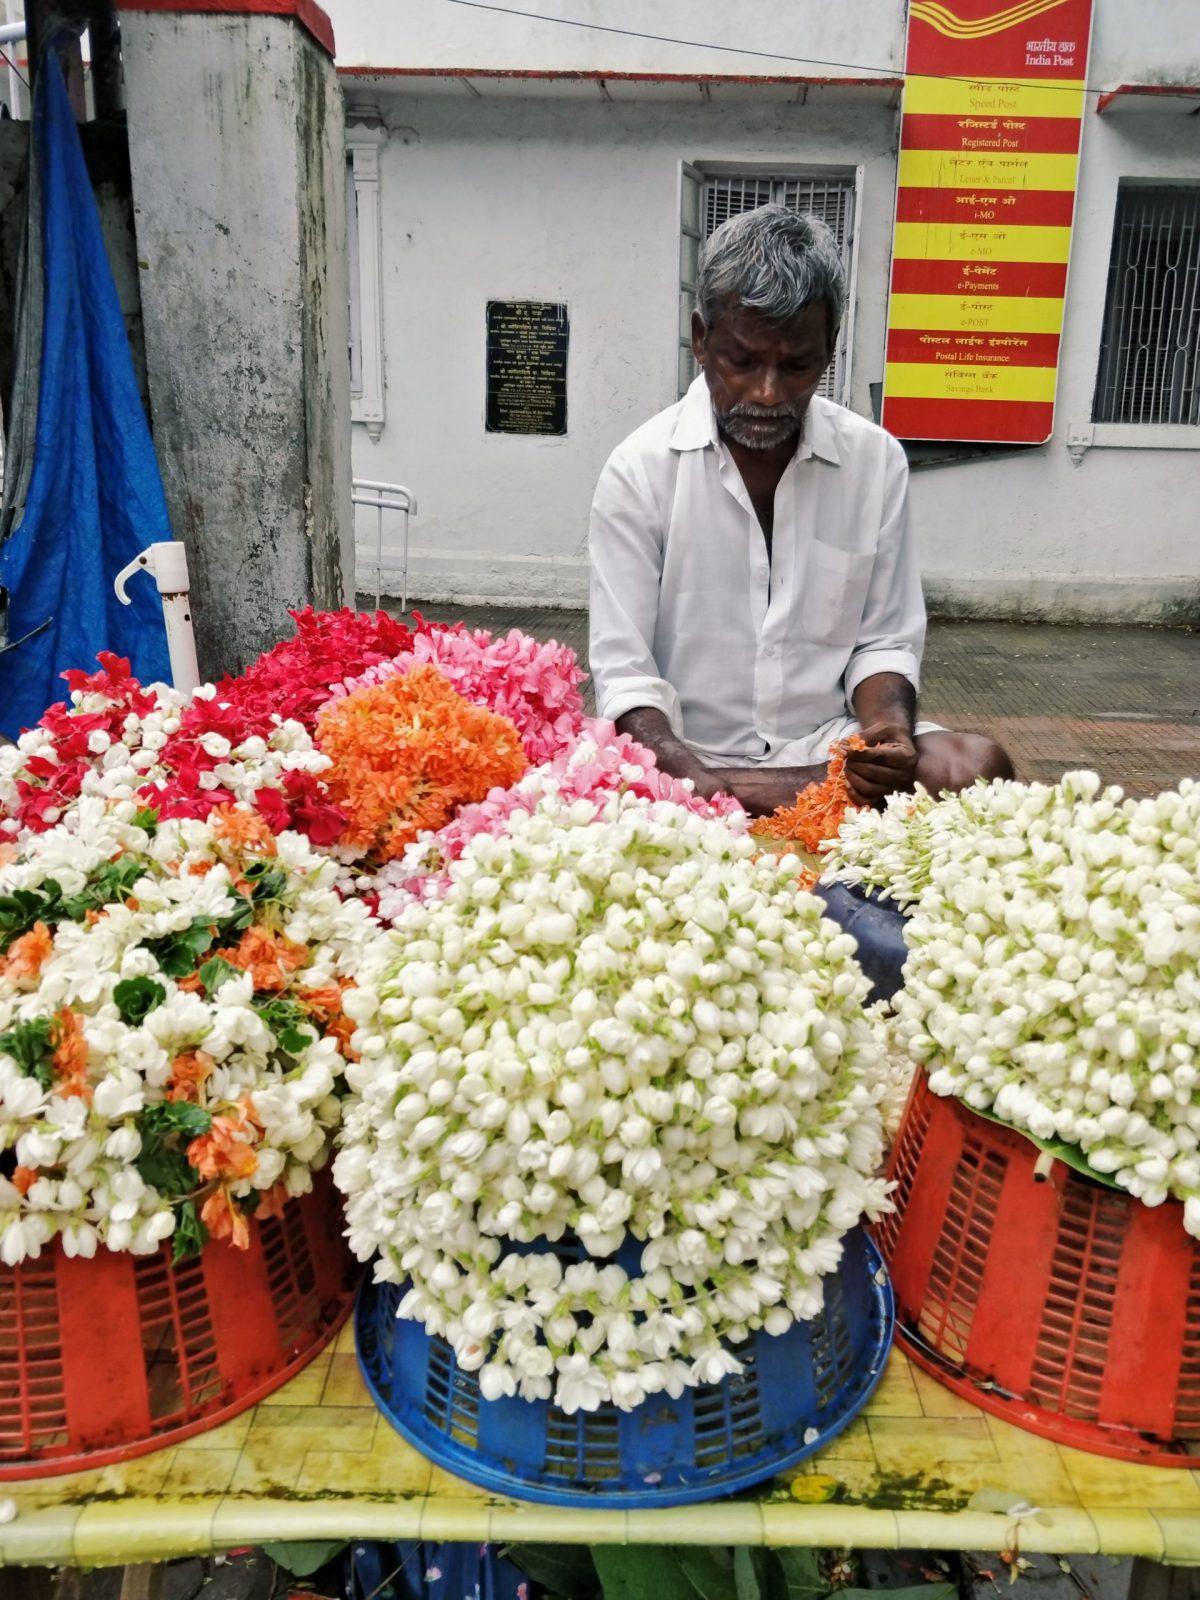 matunga flower market in mumbai